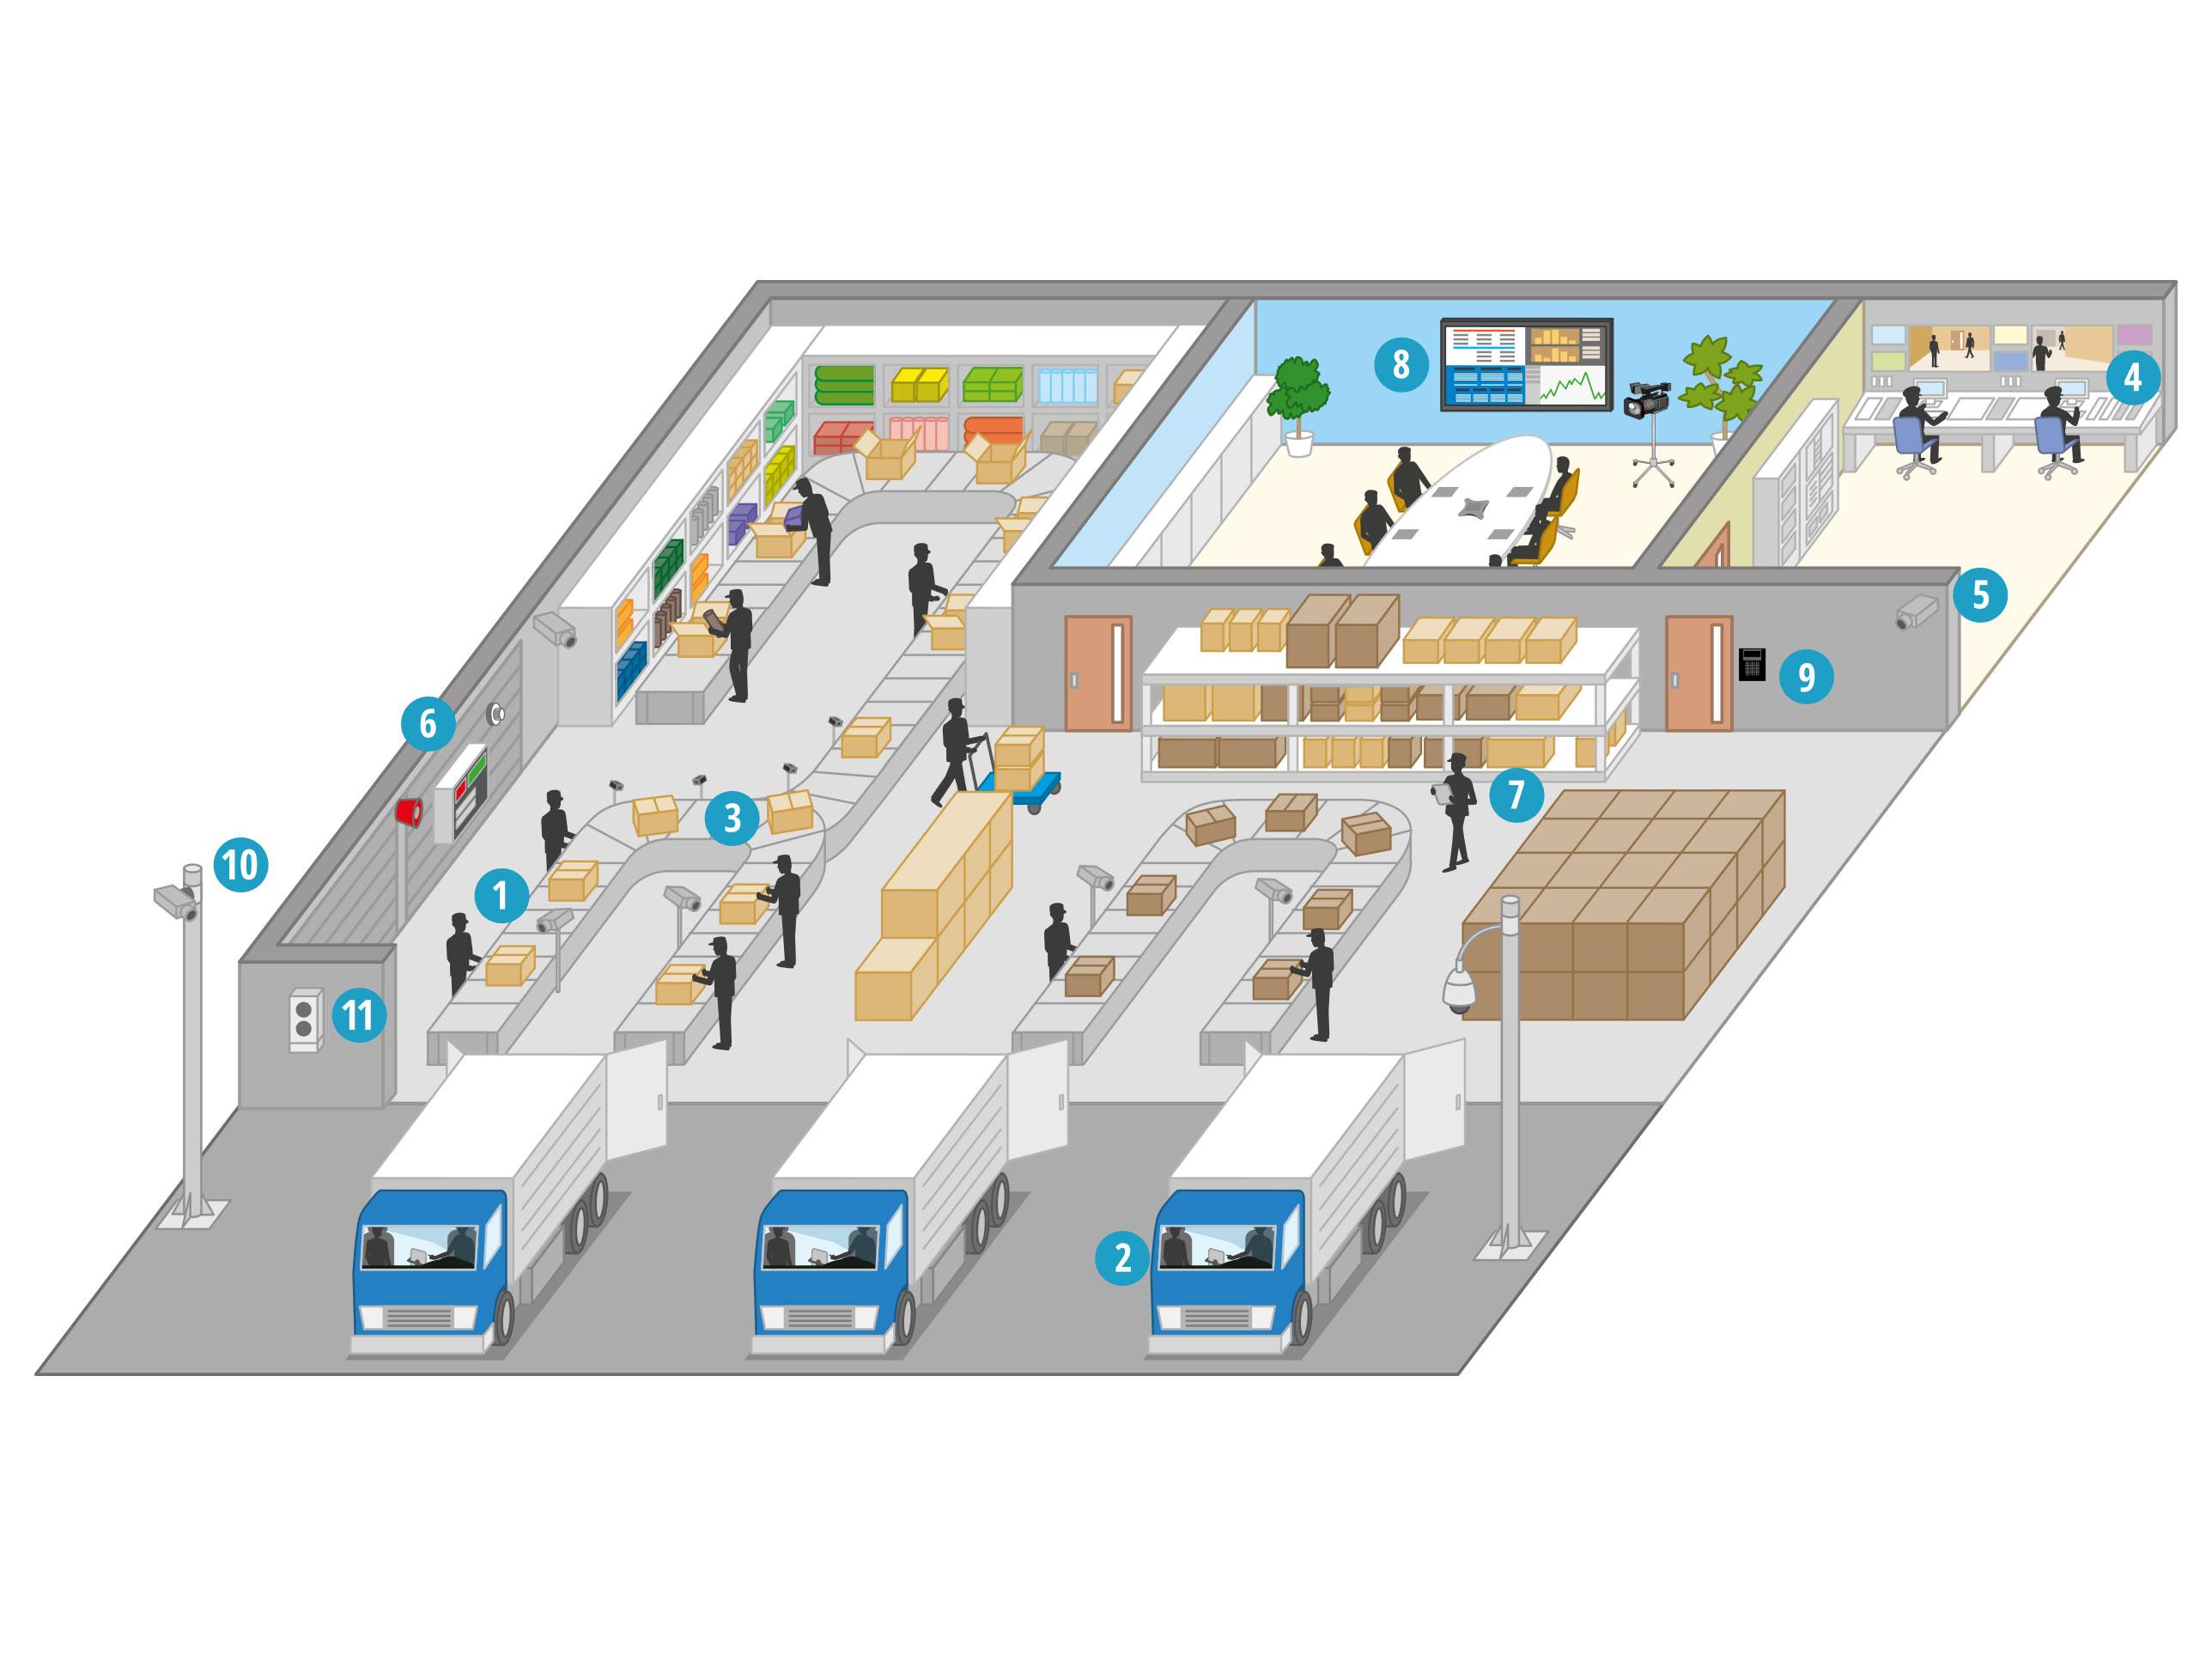 Comment les solutions de Panasonic aident-elles le secteur logistique?